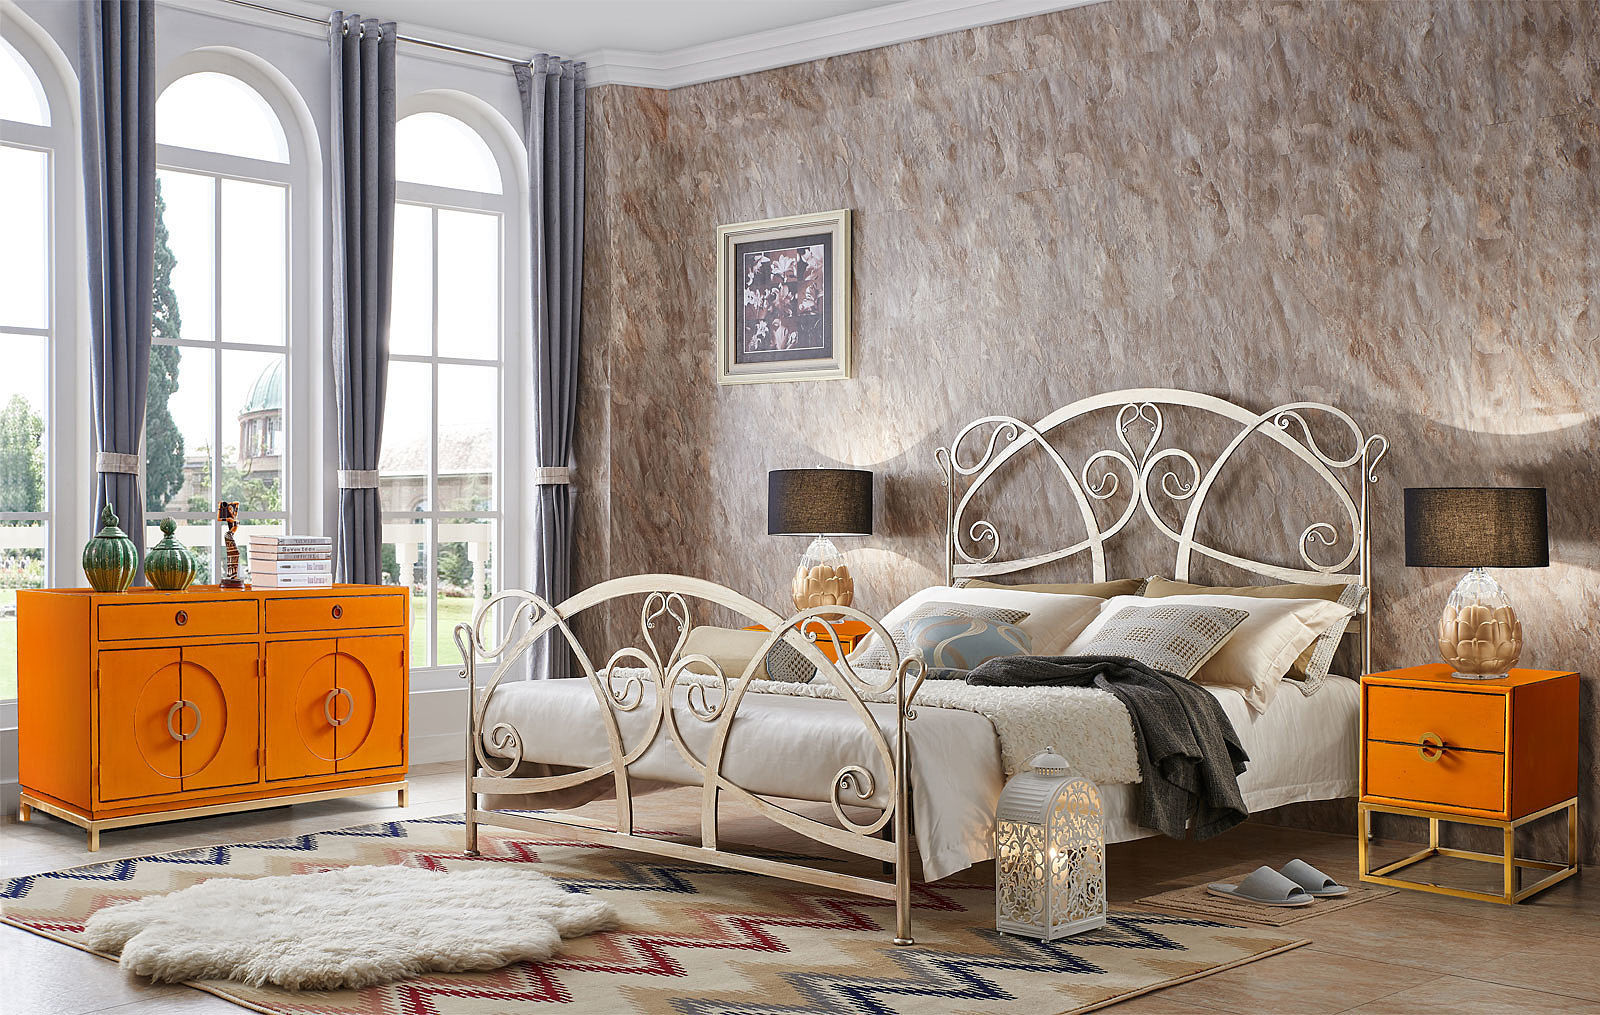 Кованая кровать TDF1606 GOLD (золото) и Тумба прикроватная ESF FL-7814 оранжевая